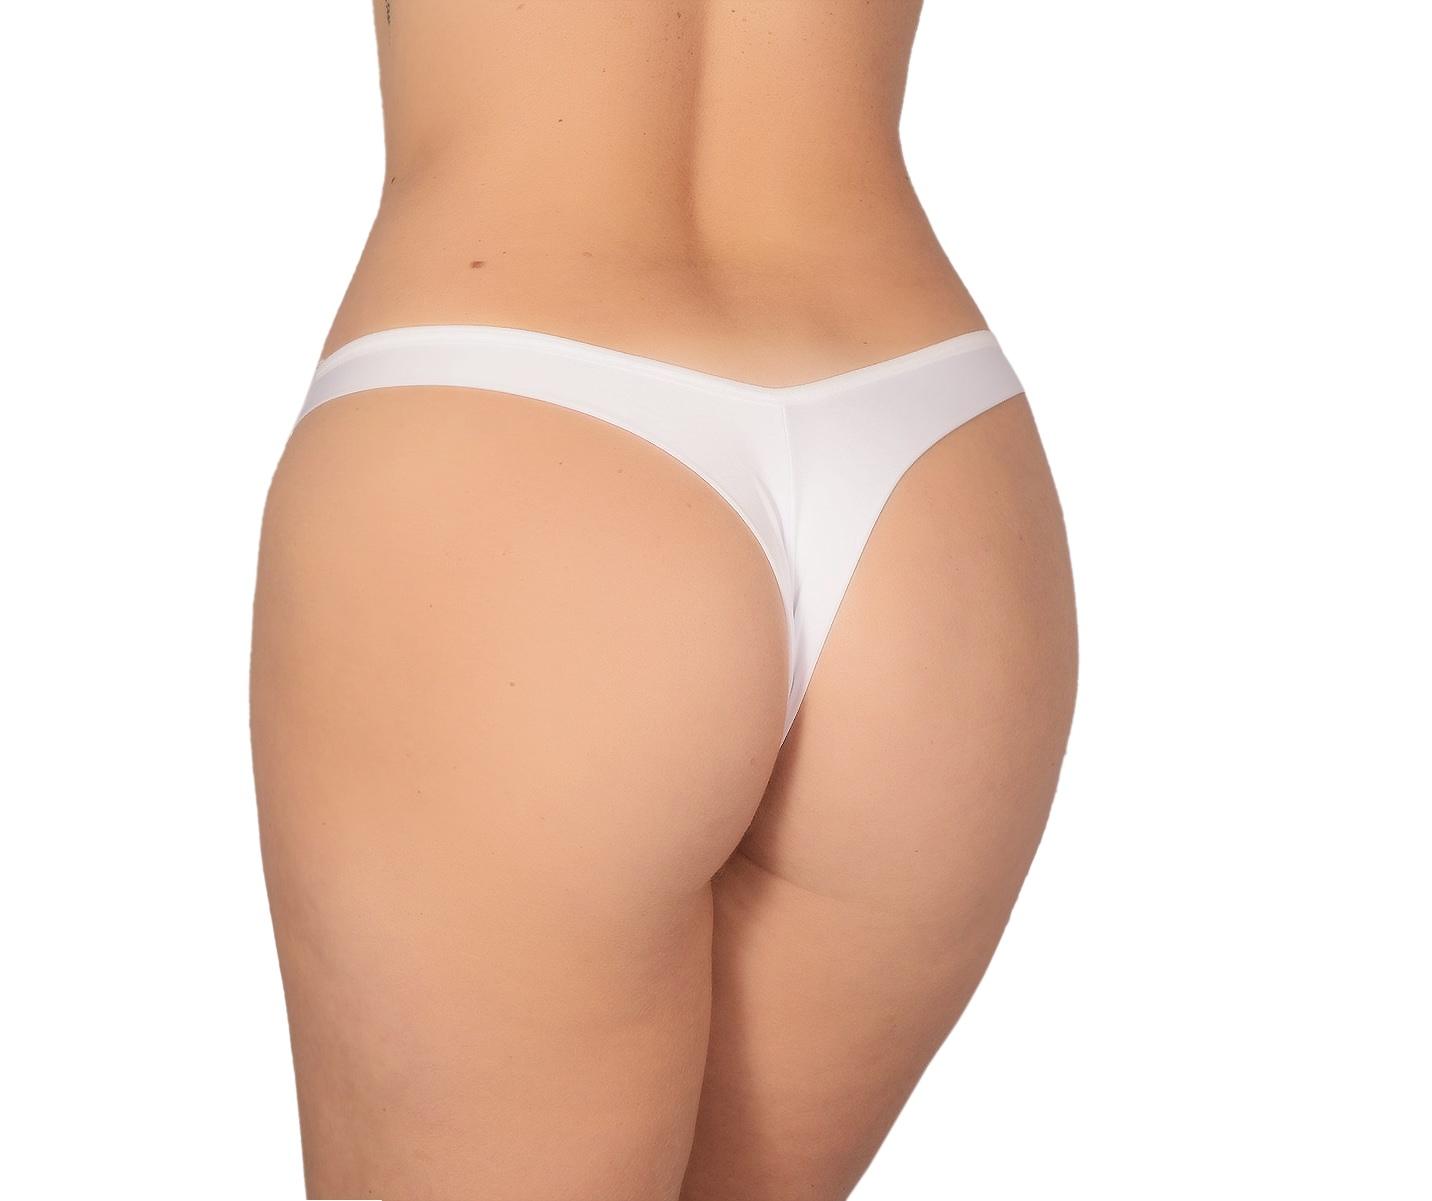 Calcinha Sexy Para Revenda Tanga Em Romantic Playboy Lingerie No Atacado  - Fribasex - Fabricasex.com